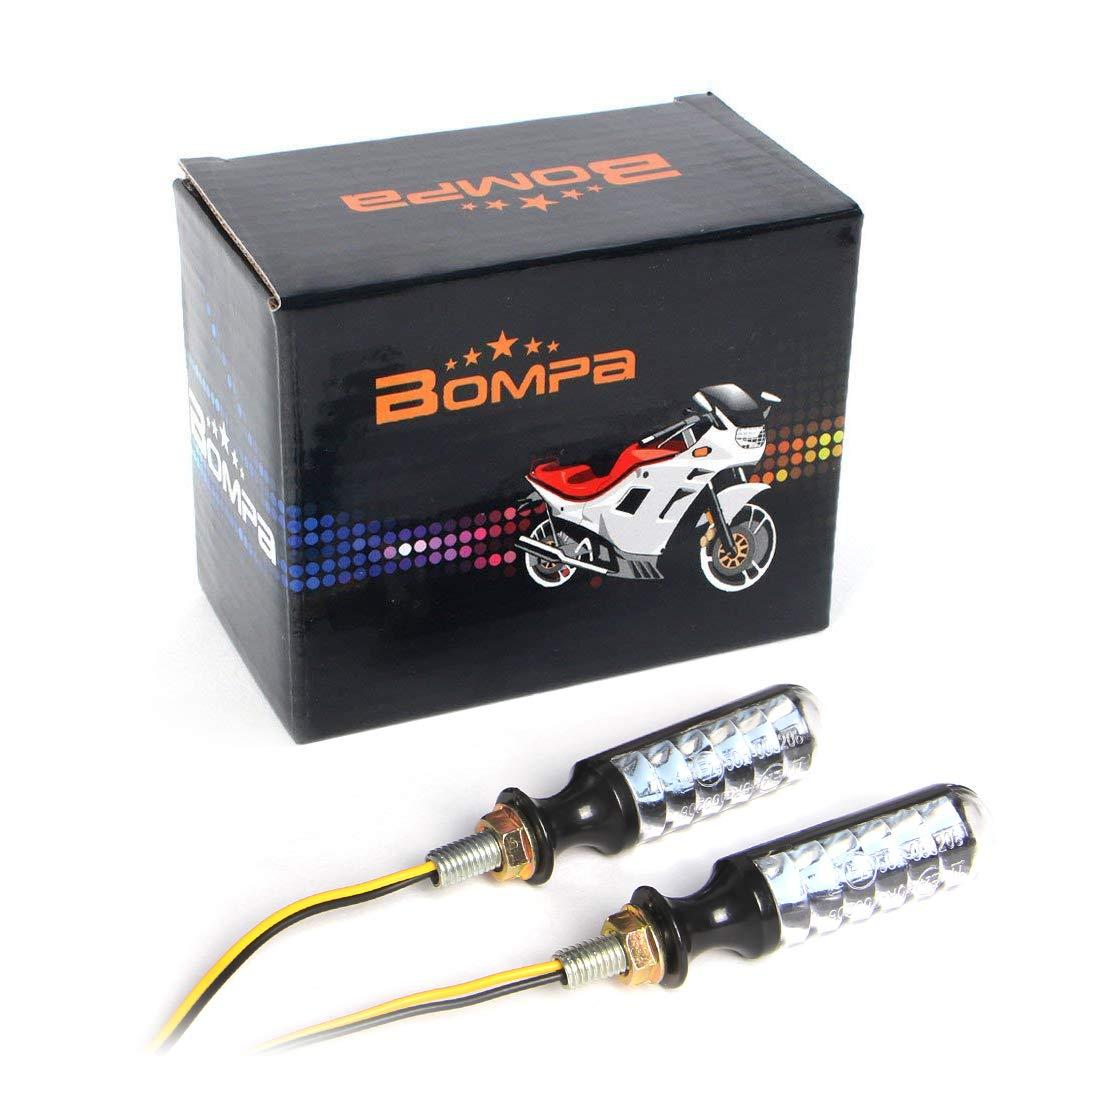 2pc Black 12V Motorcycle Led Blinkers Turn Signal Indicators Flashing LED Amber Yellow style 3